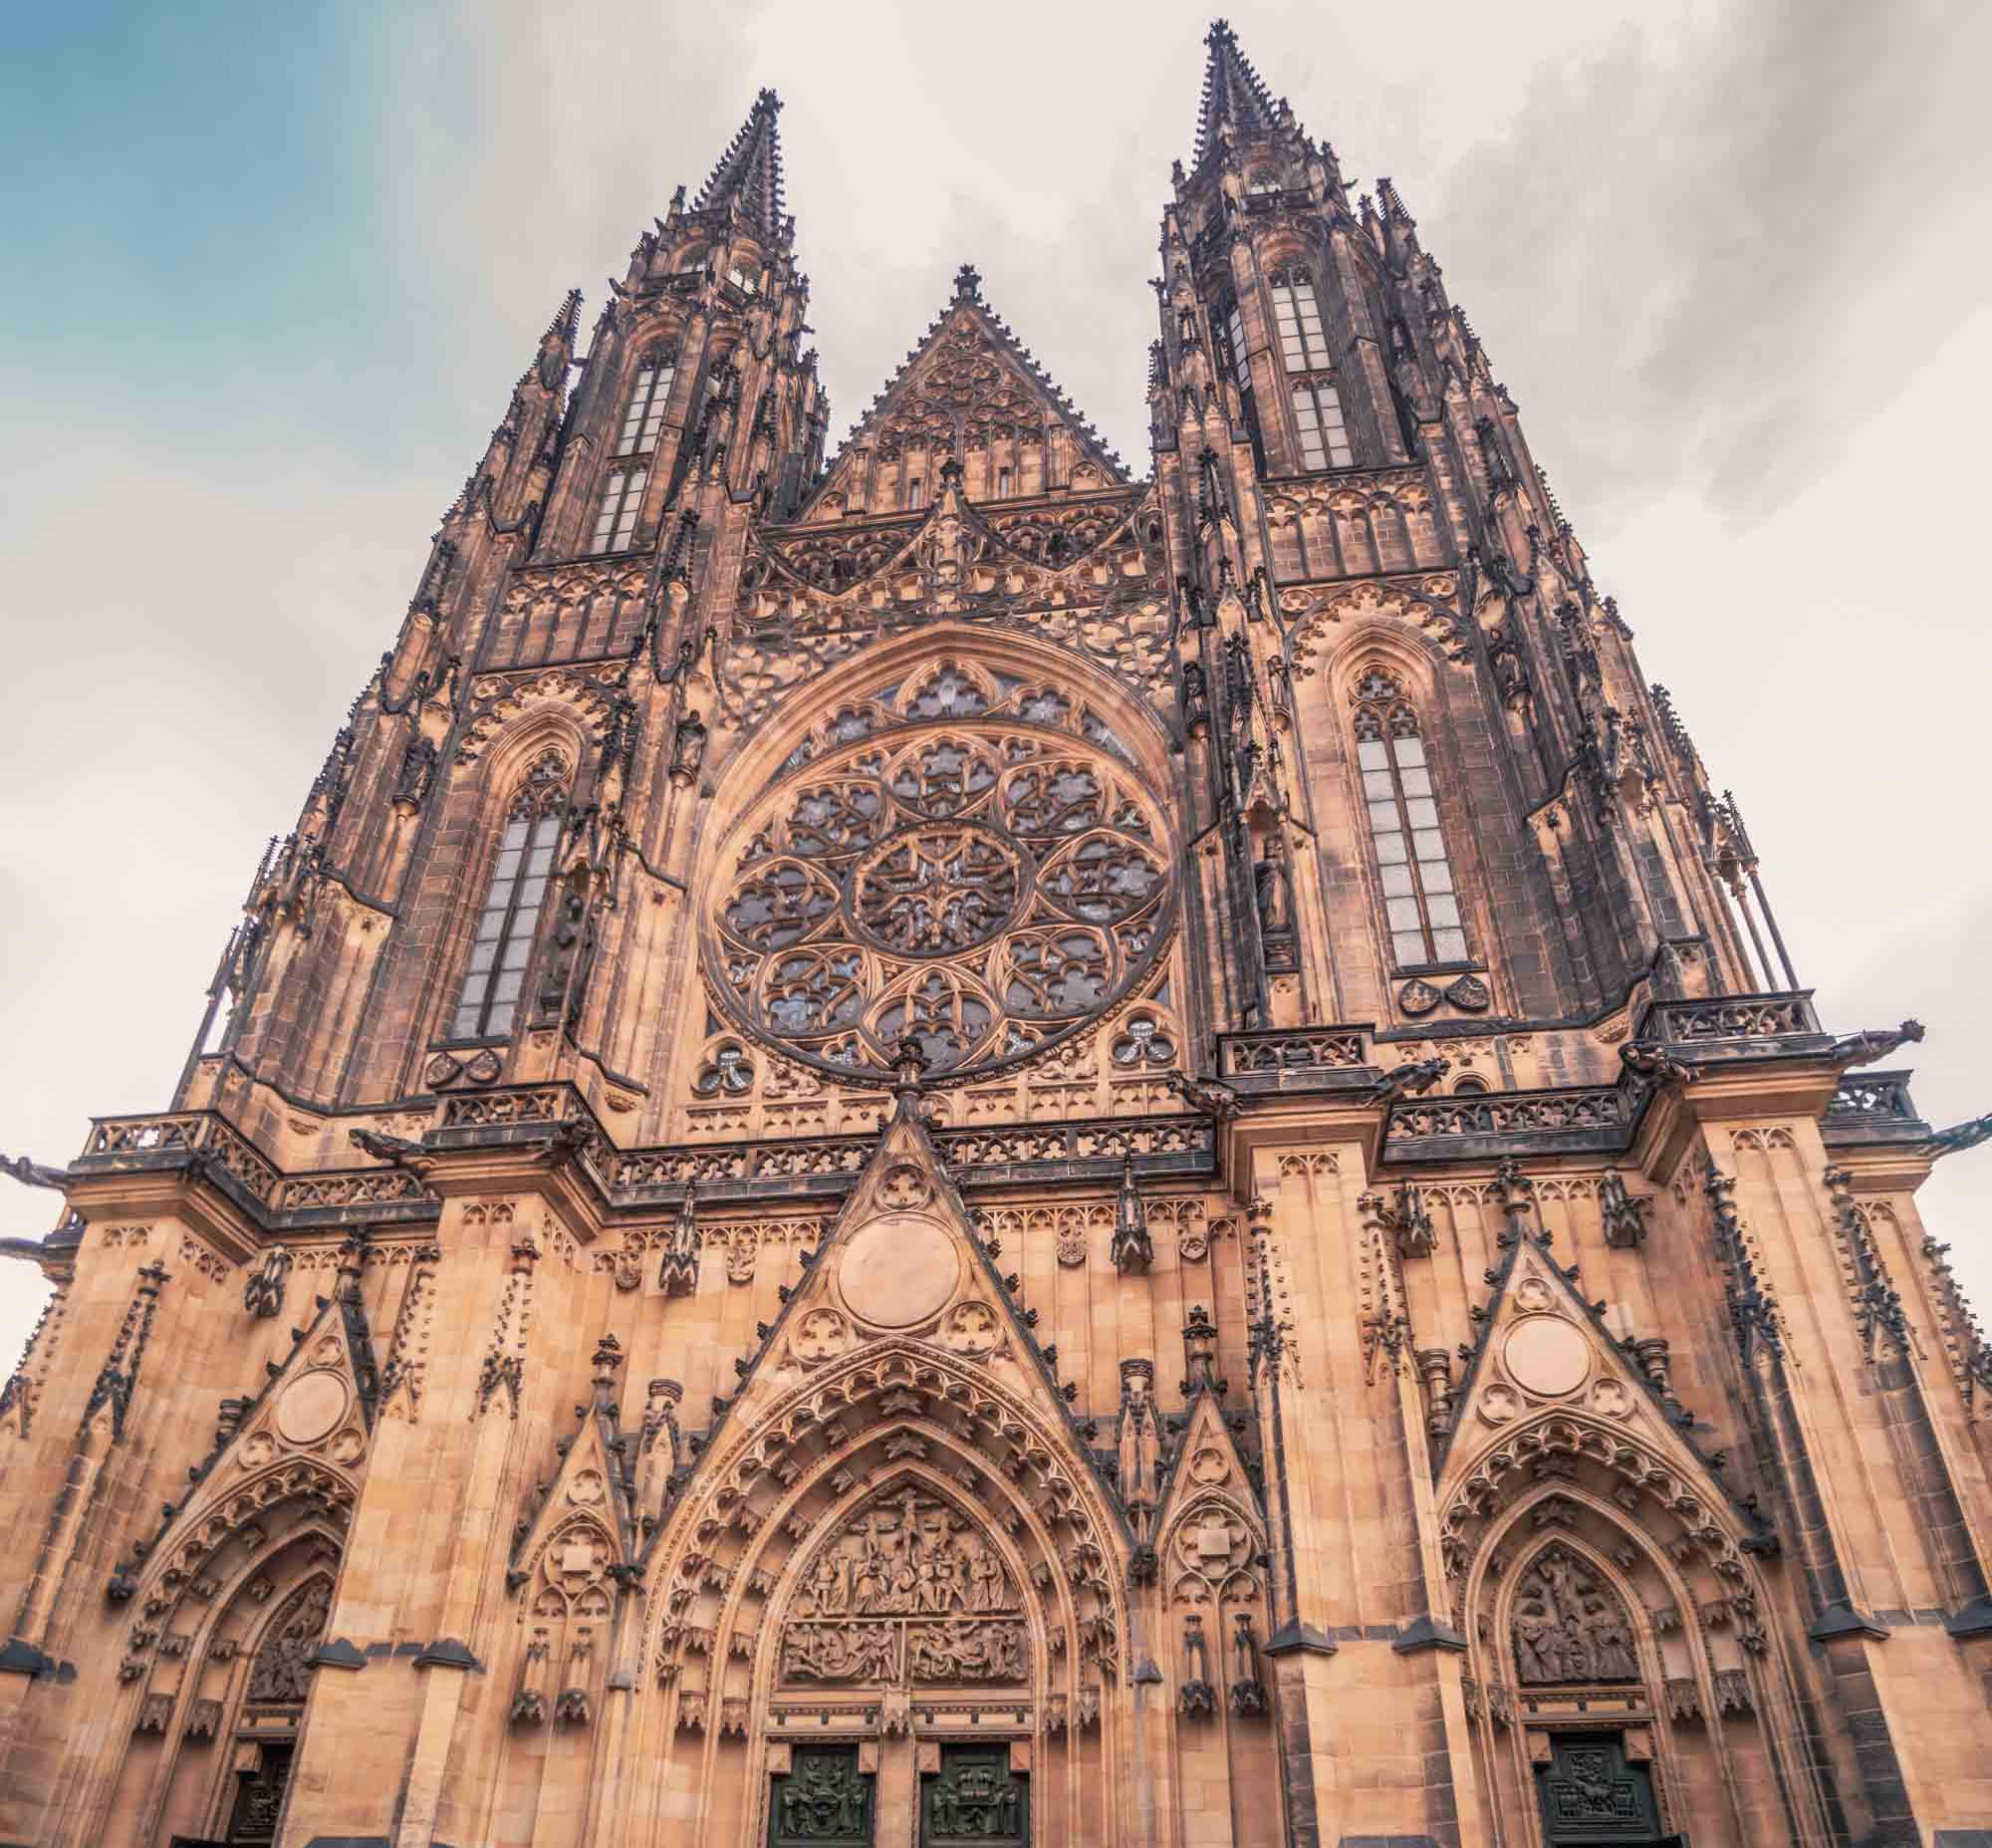 La cathédrale Saint-Guy de Prague vue de face